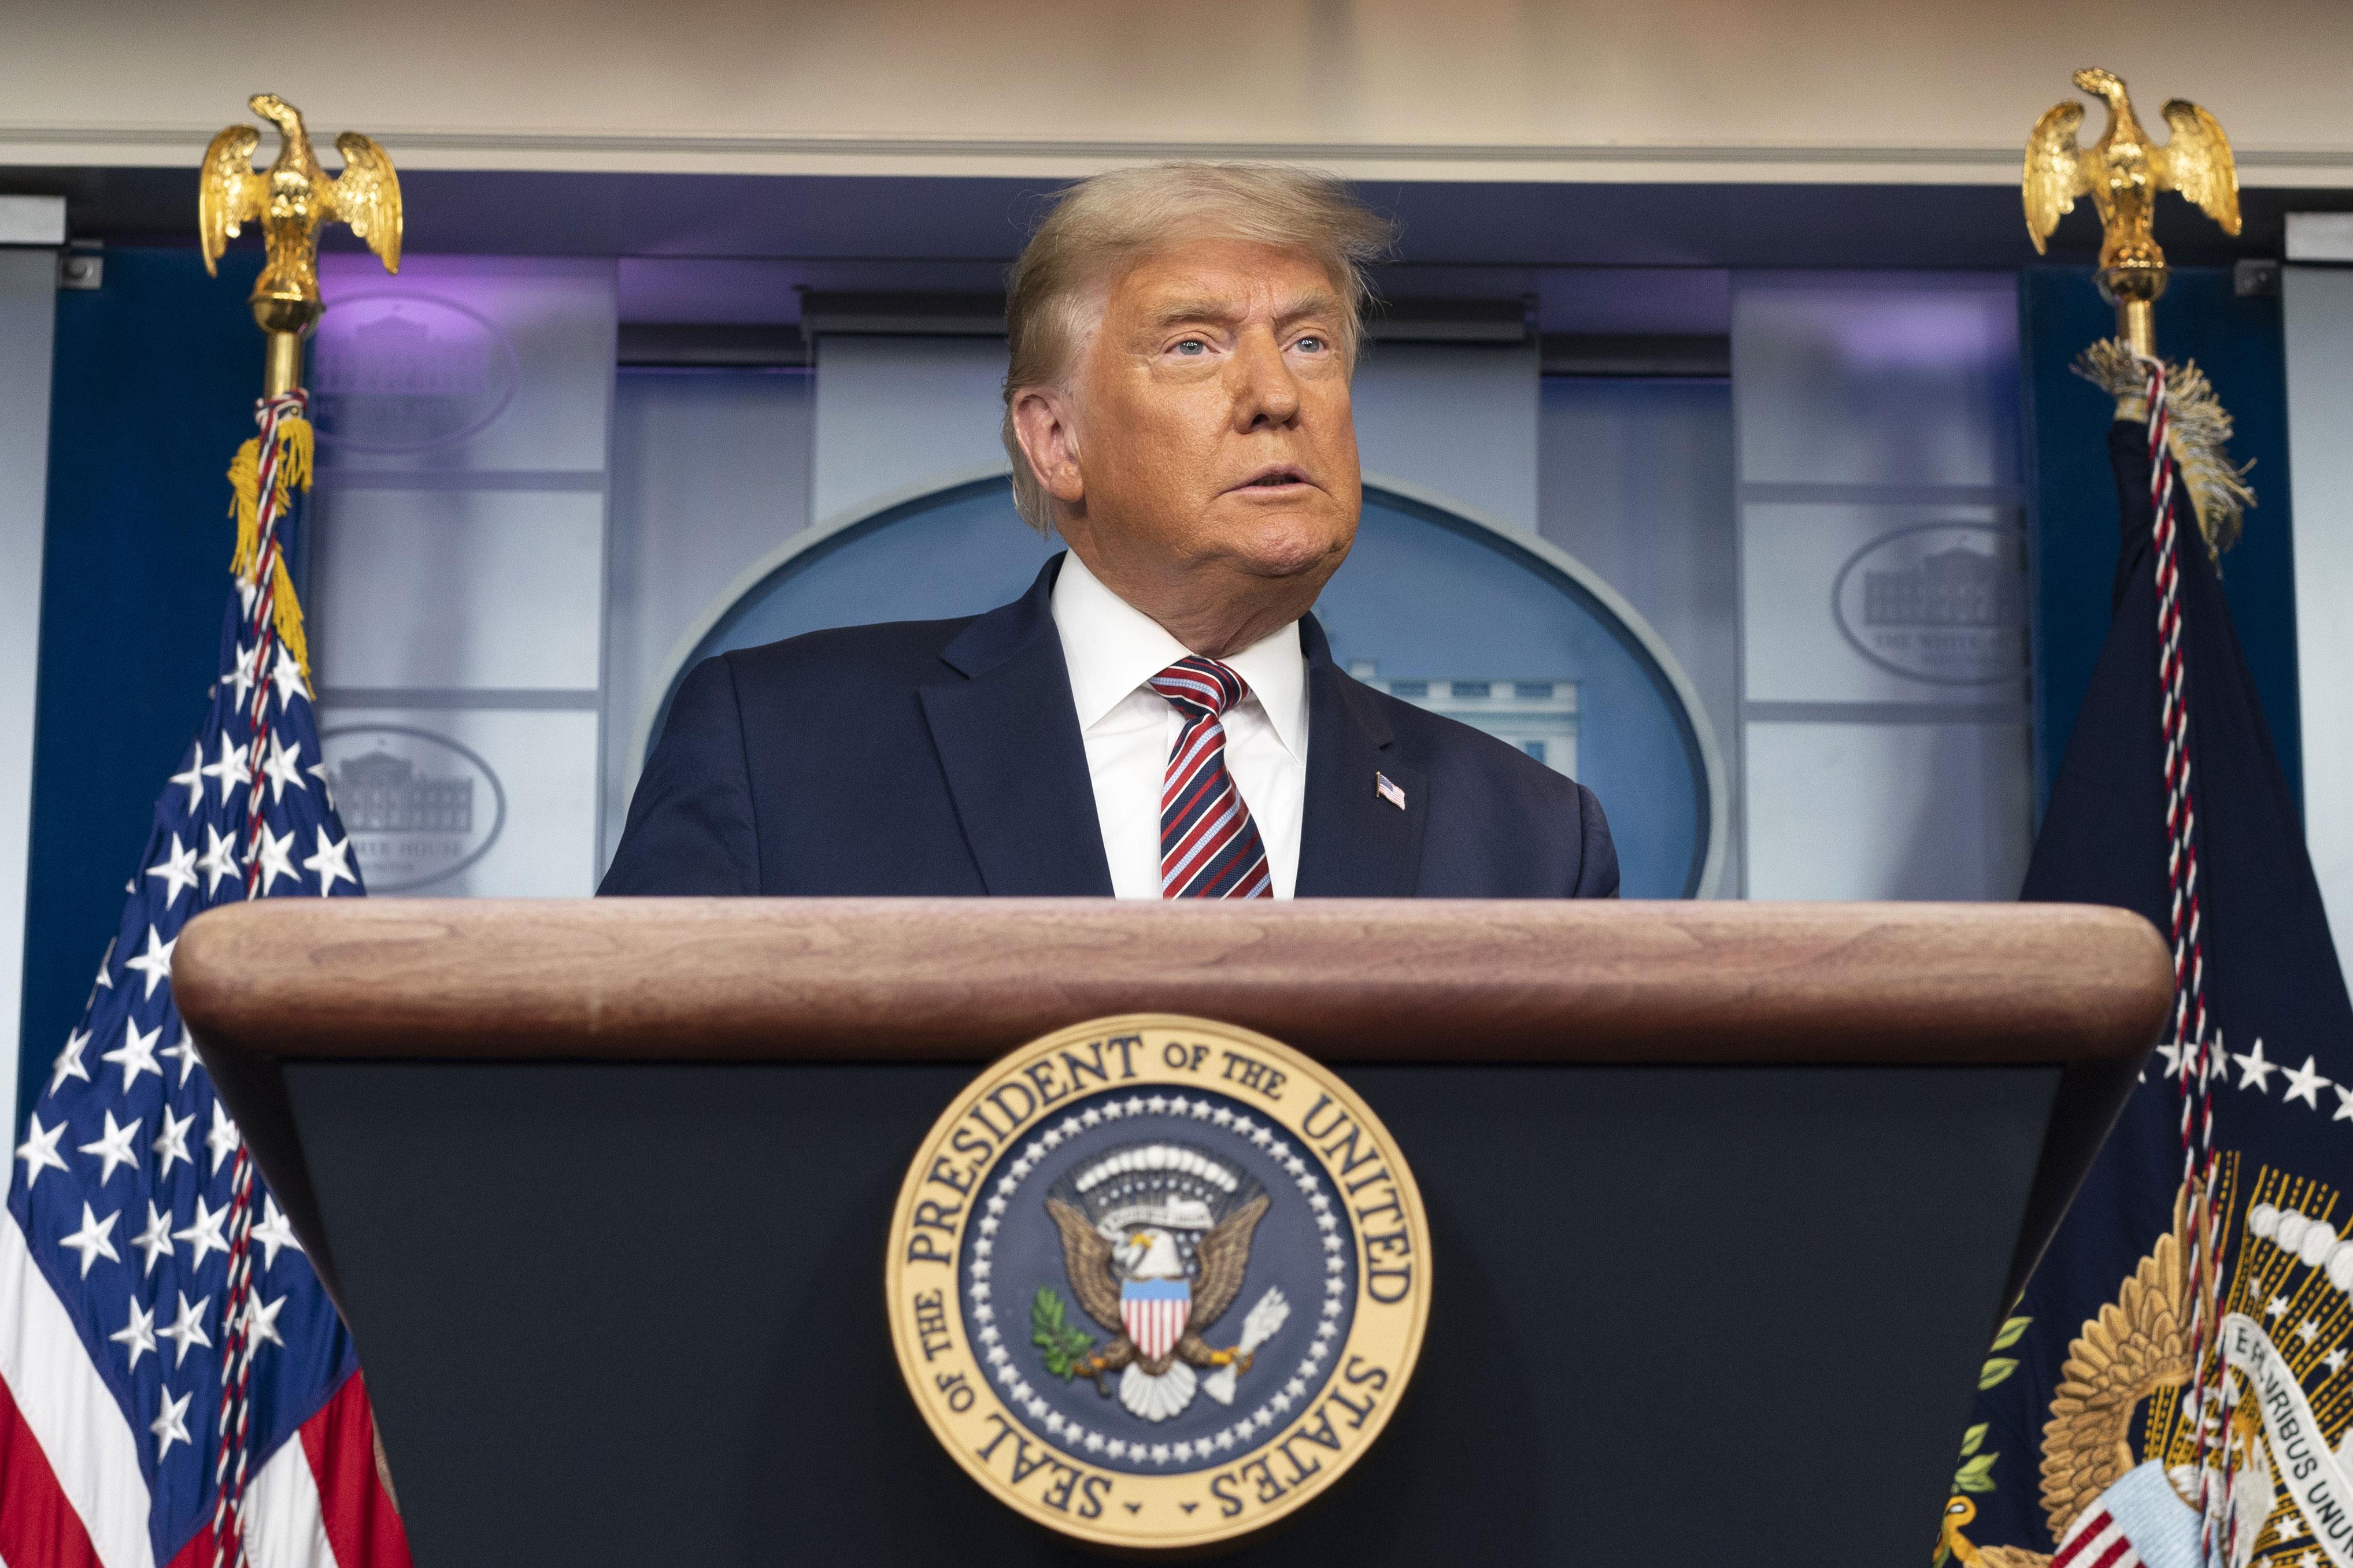 دونالد ترامپ ، رئیس جمهور آمریکا ، 5 نوامبر در کاخ سفید صحبت می کند.